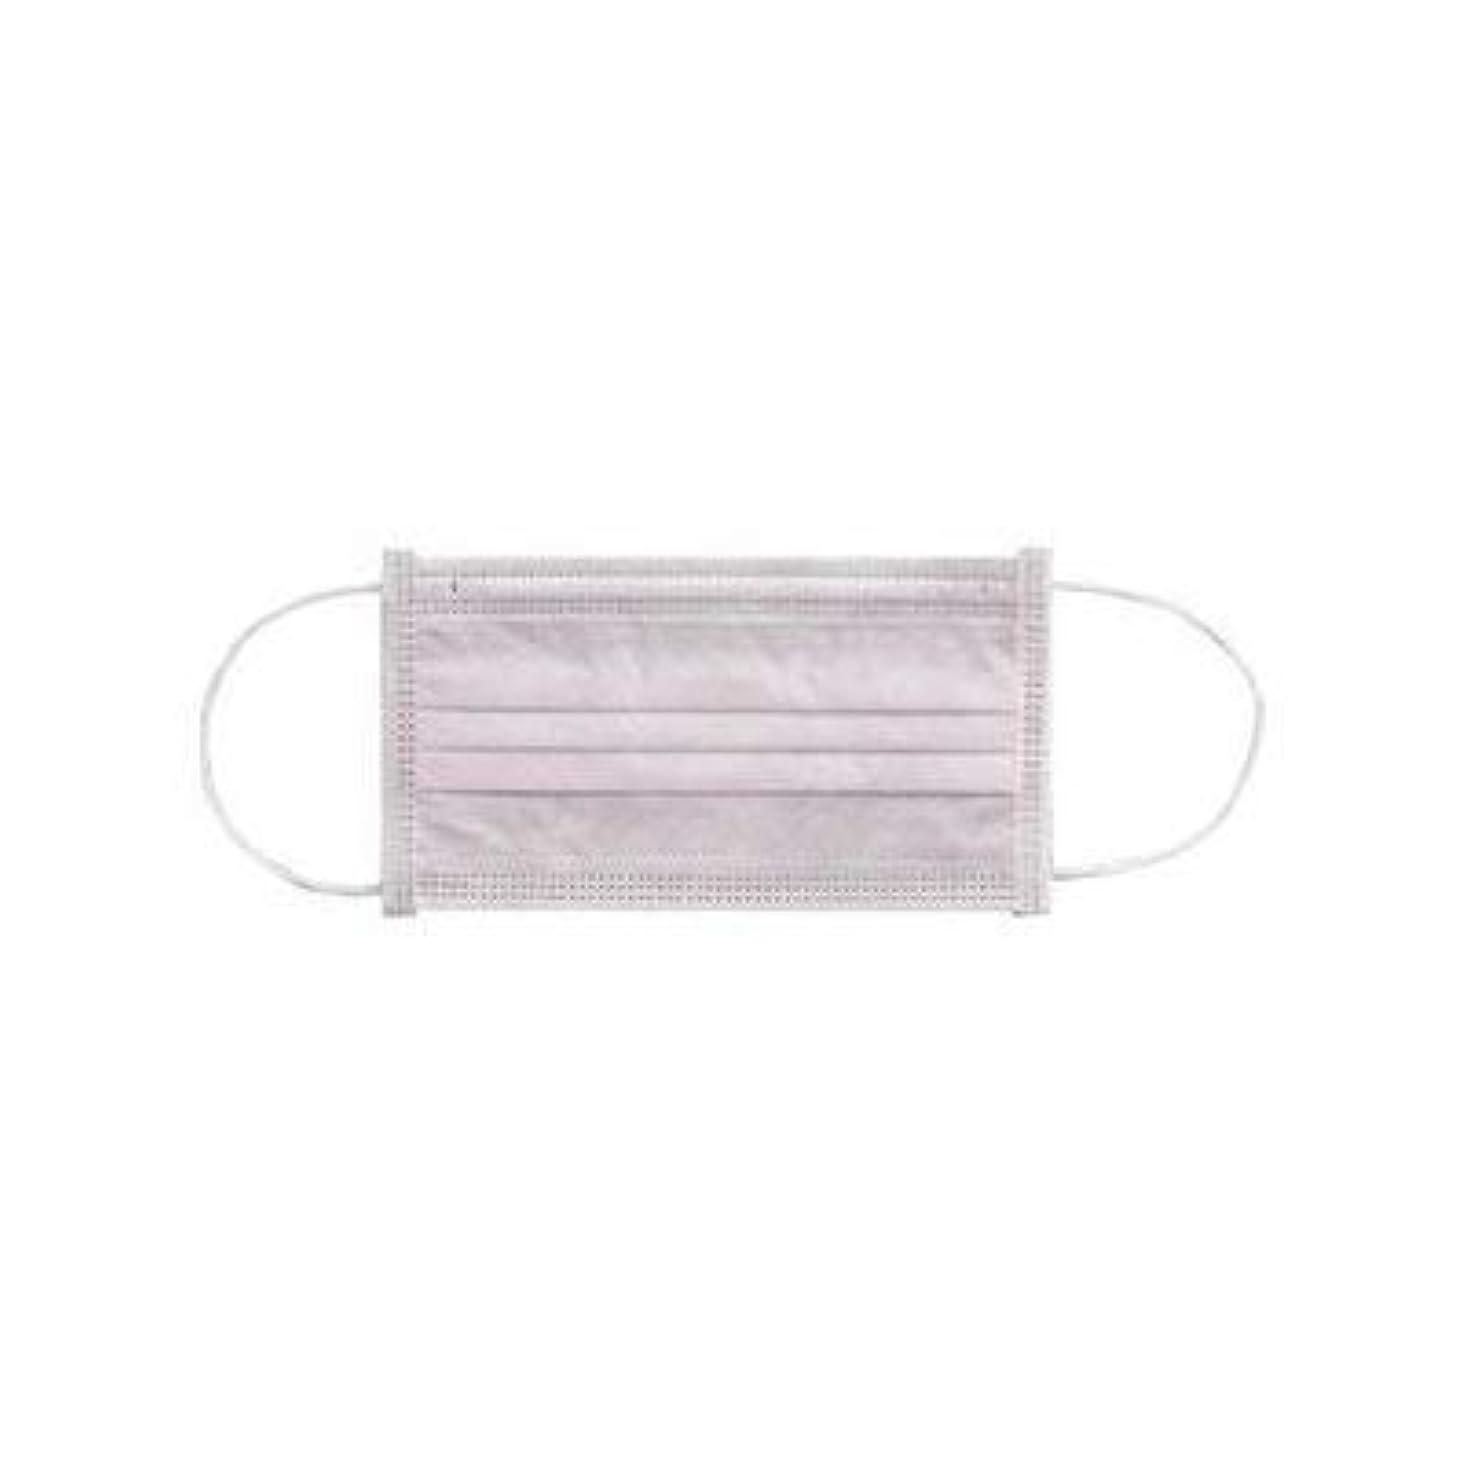 スクレーパー歌手駐地(まとめ) 川西工業 メディカルマスク3PLY ピンク【×30セット】 ds-2157579